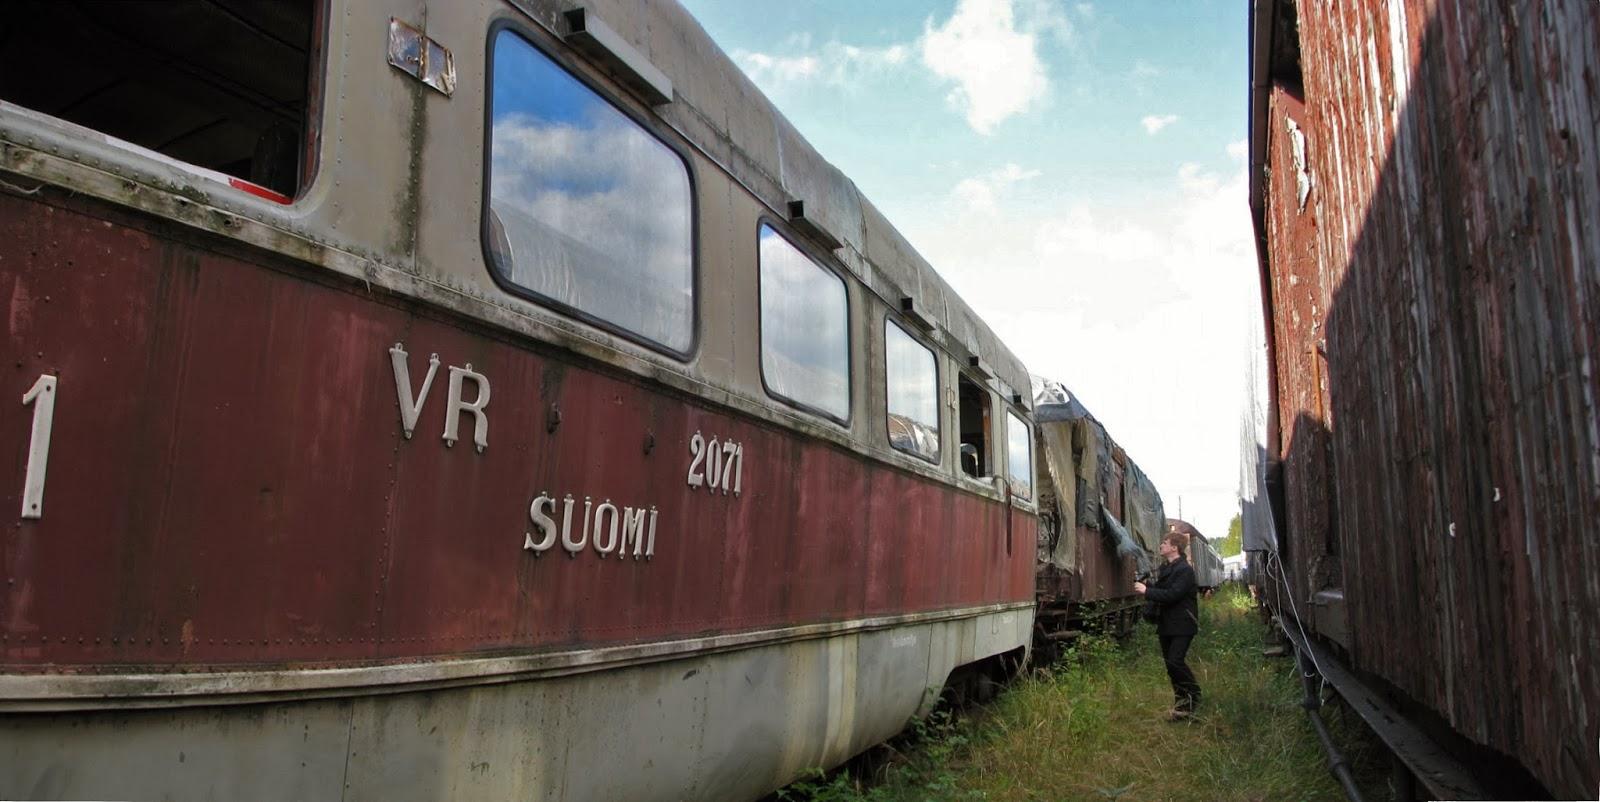 Hylätyt junat